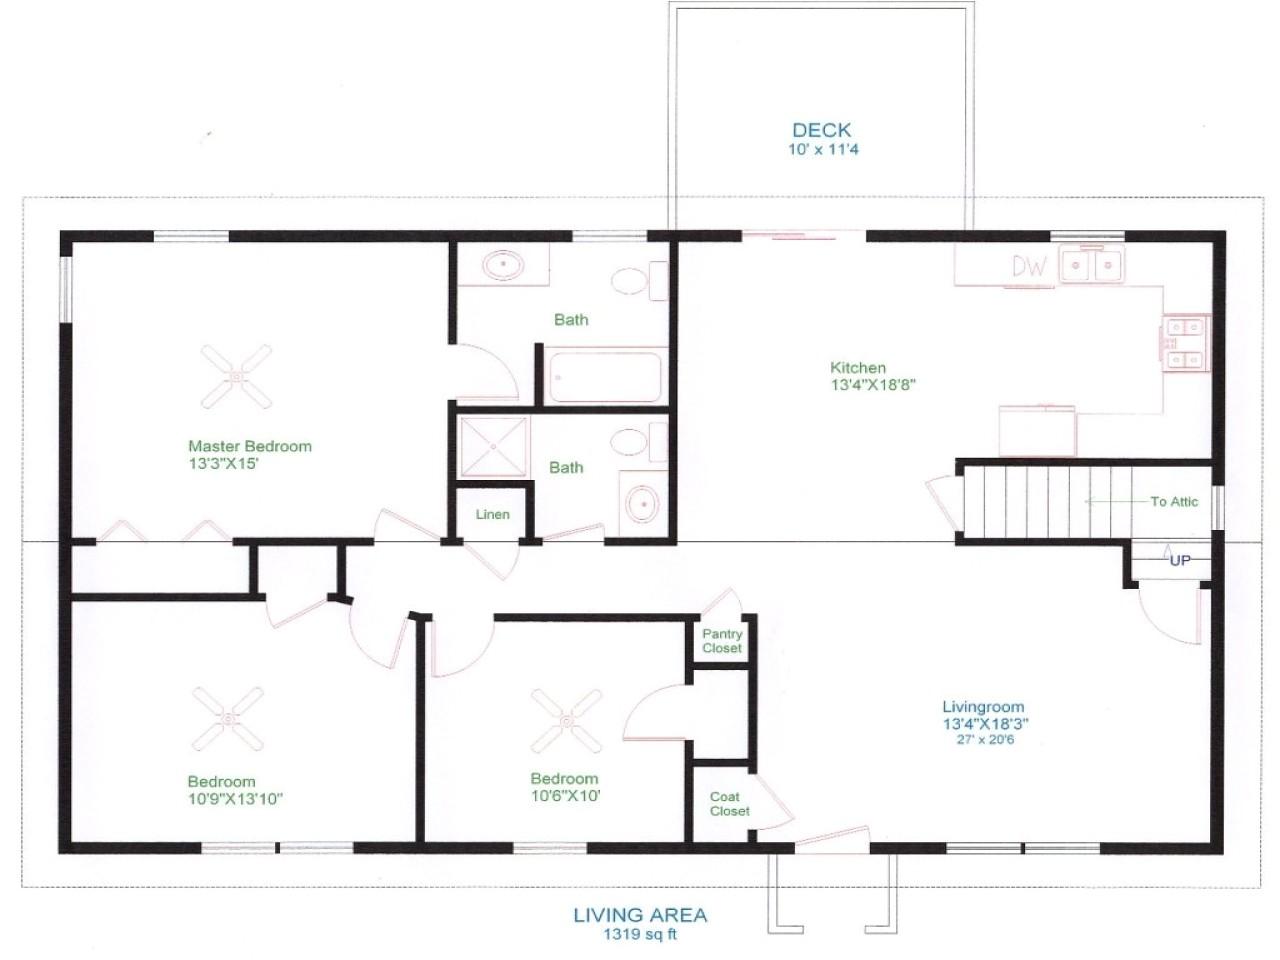 d15f63fdbf3dd4d1 ranch house floor plans unique open floor plans